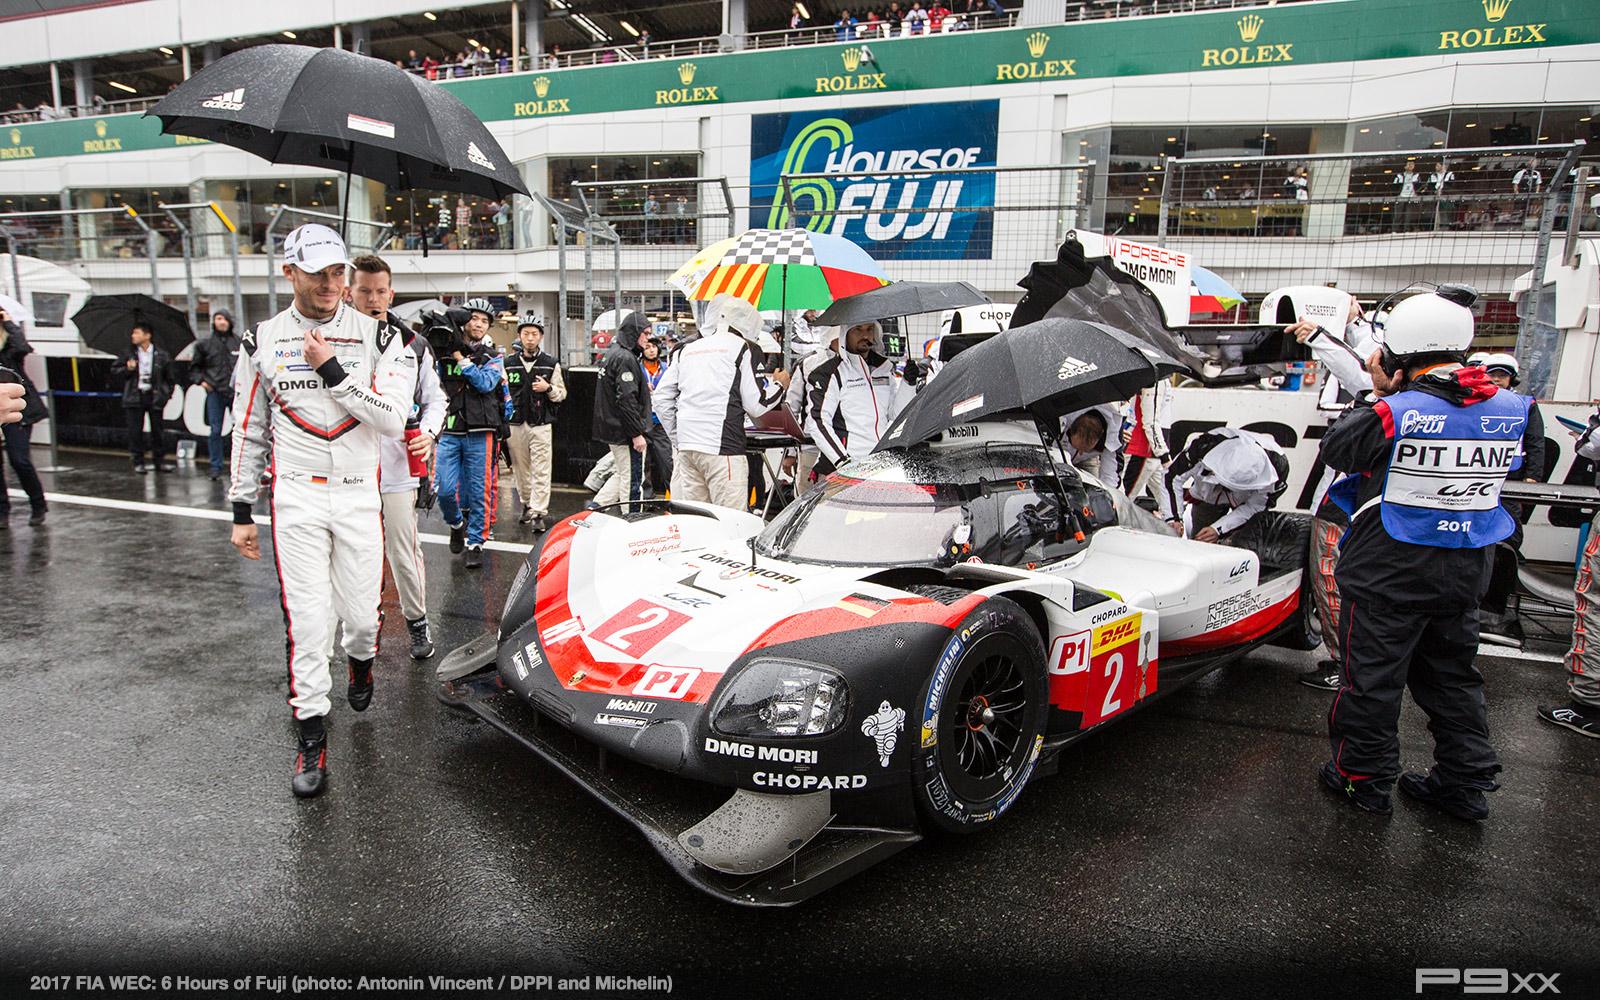 2017-FIA-WEC-6h-of-Fuji-Porsche-Fuji_02117011_2714311